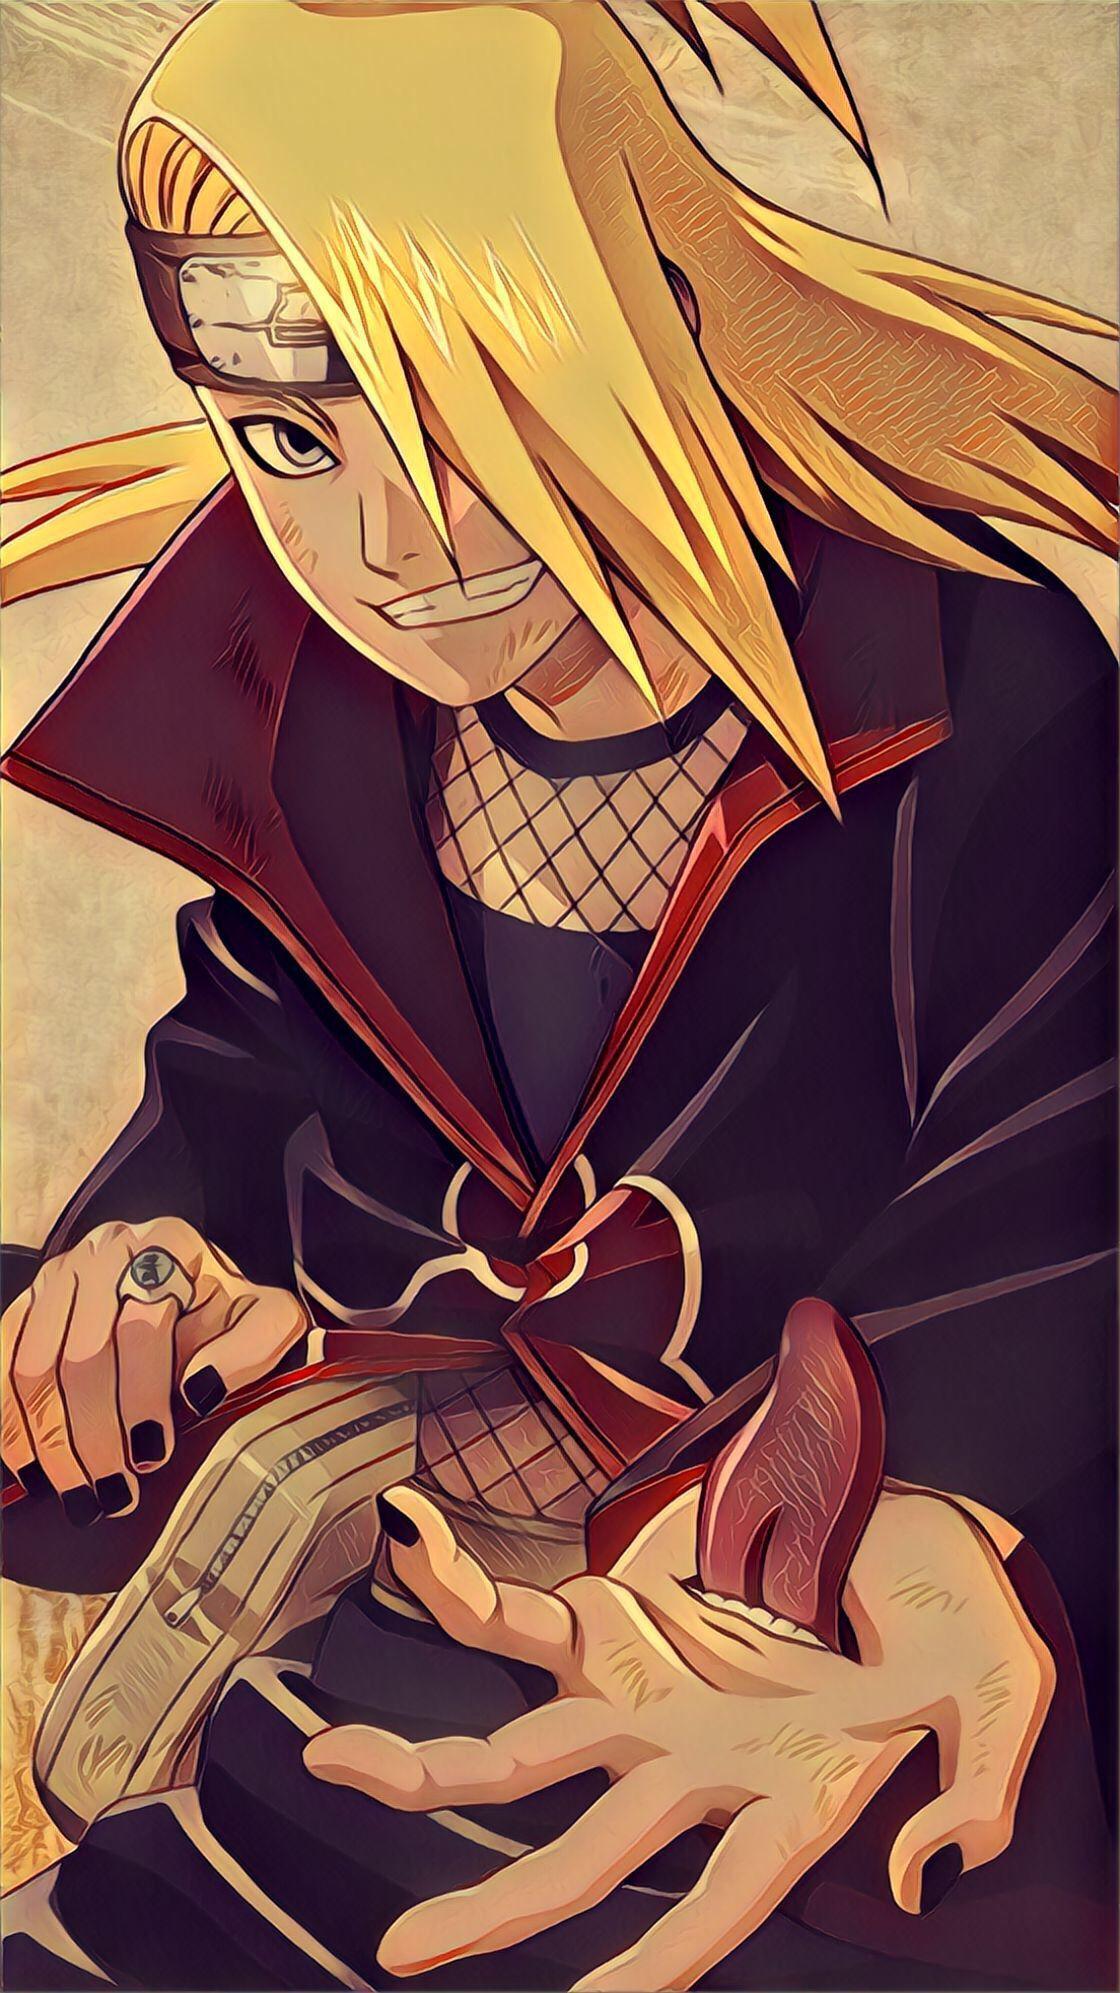 Deidara Naruto Wallpapers Narutoshippuden Narutowallpapers Animewallpaper Anime In 2020 Wallpaper Naruto Shippuden Anime Deidara Akatsuki